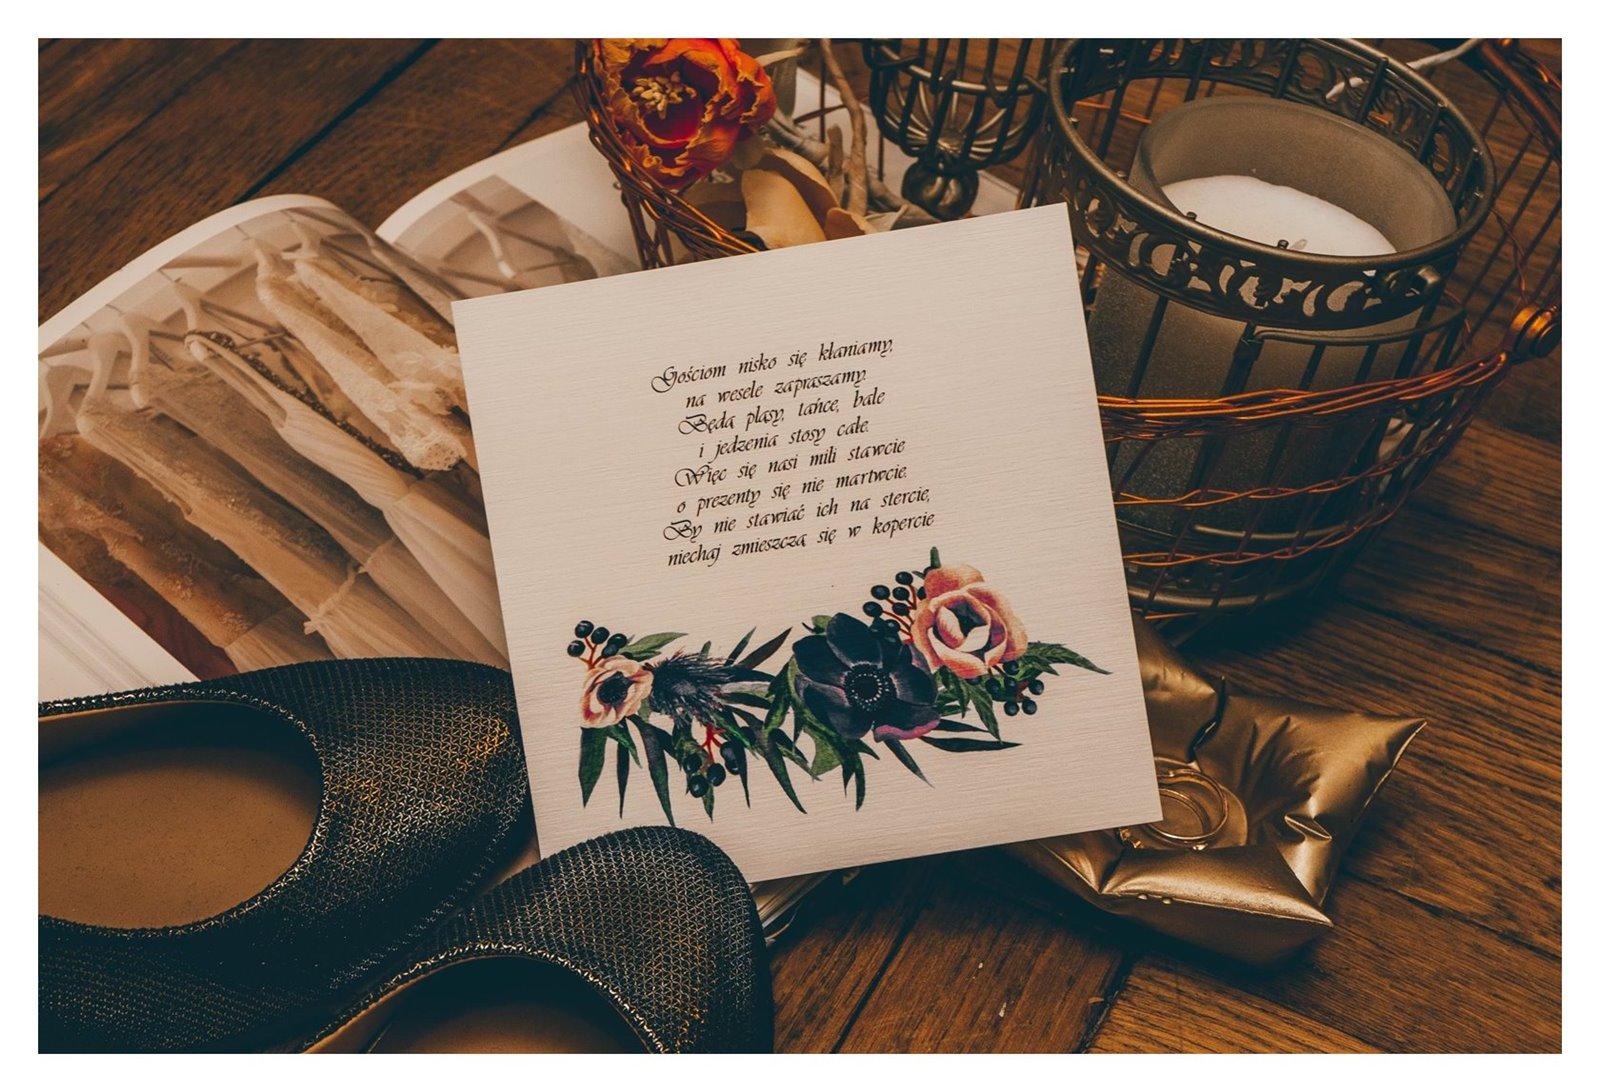 5 wierszyki prośba o pieniądze o książkę wino od gości weselnych, jak poprosić gości o pieniące ślub co zamiast kwiatów trendy w papeterii 2018 2019 2020 2021 2022 2023 2024 ślub porady wesele kolory jak dobrać motyw